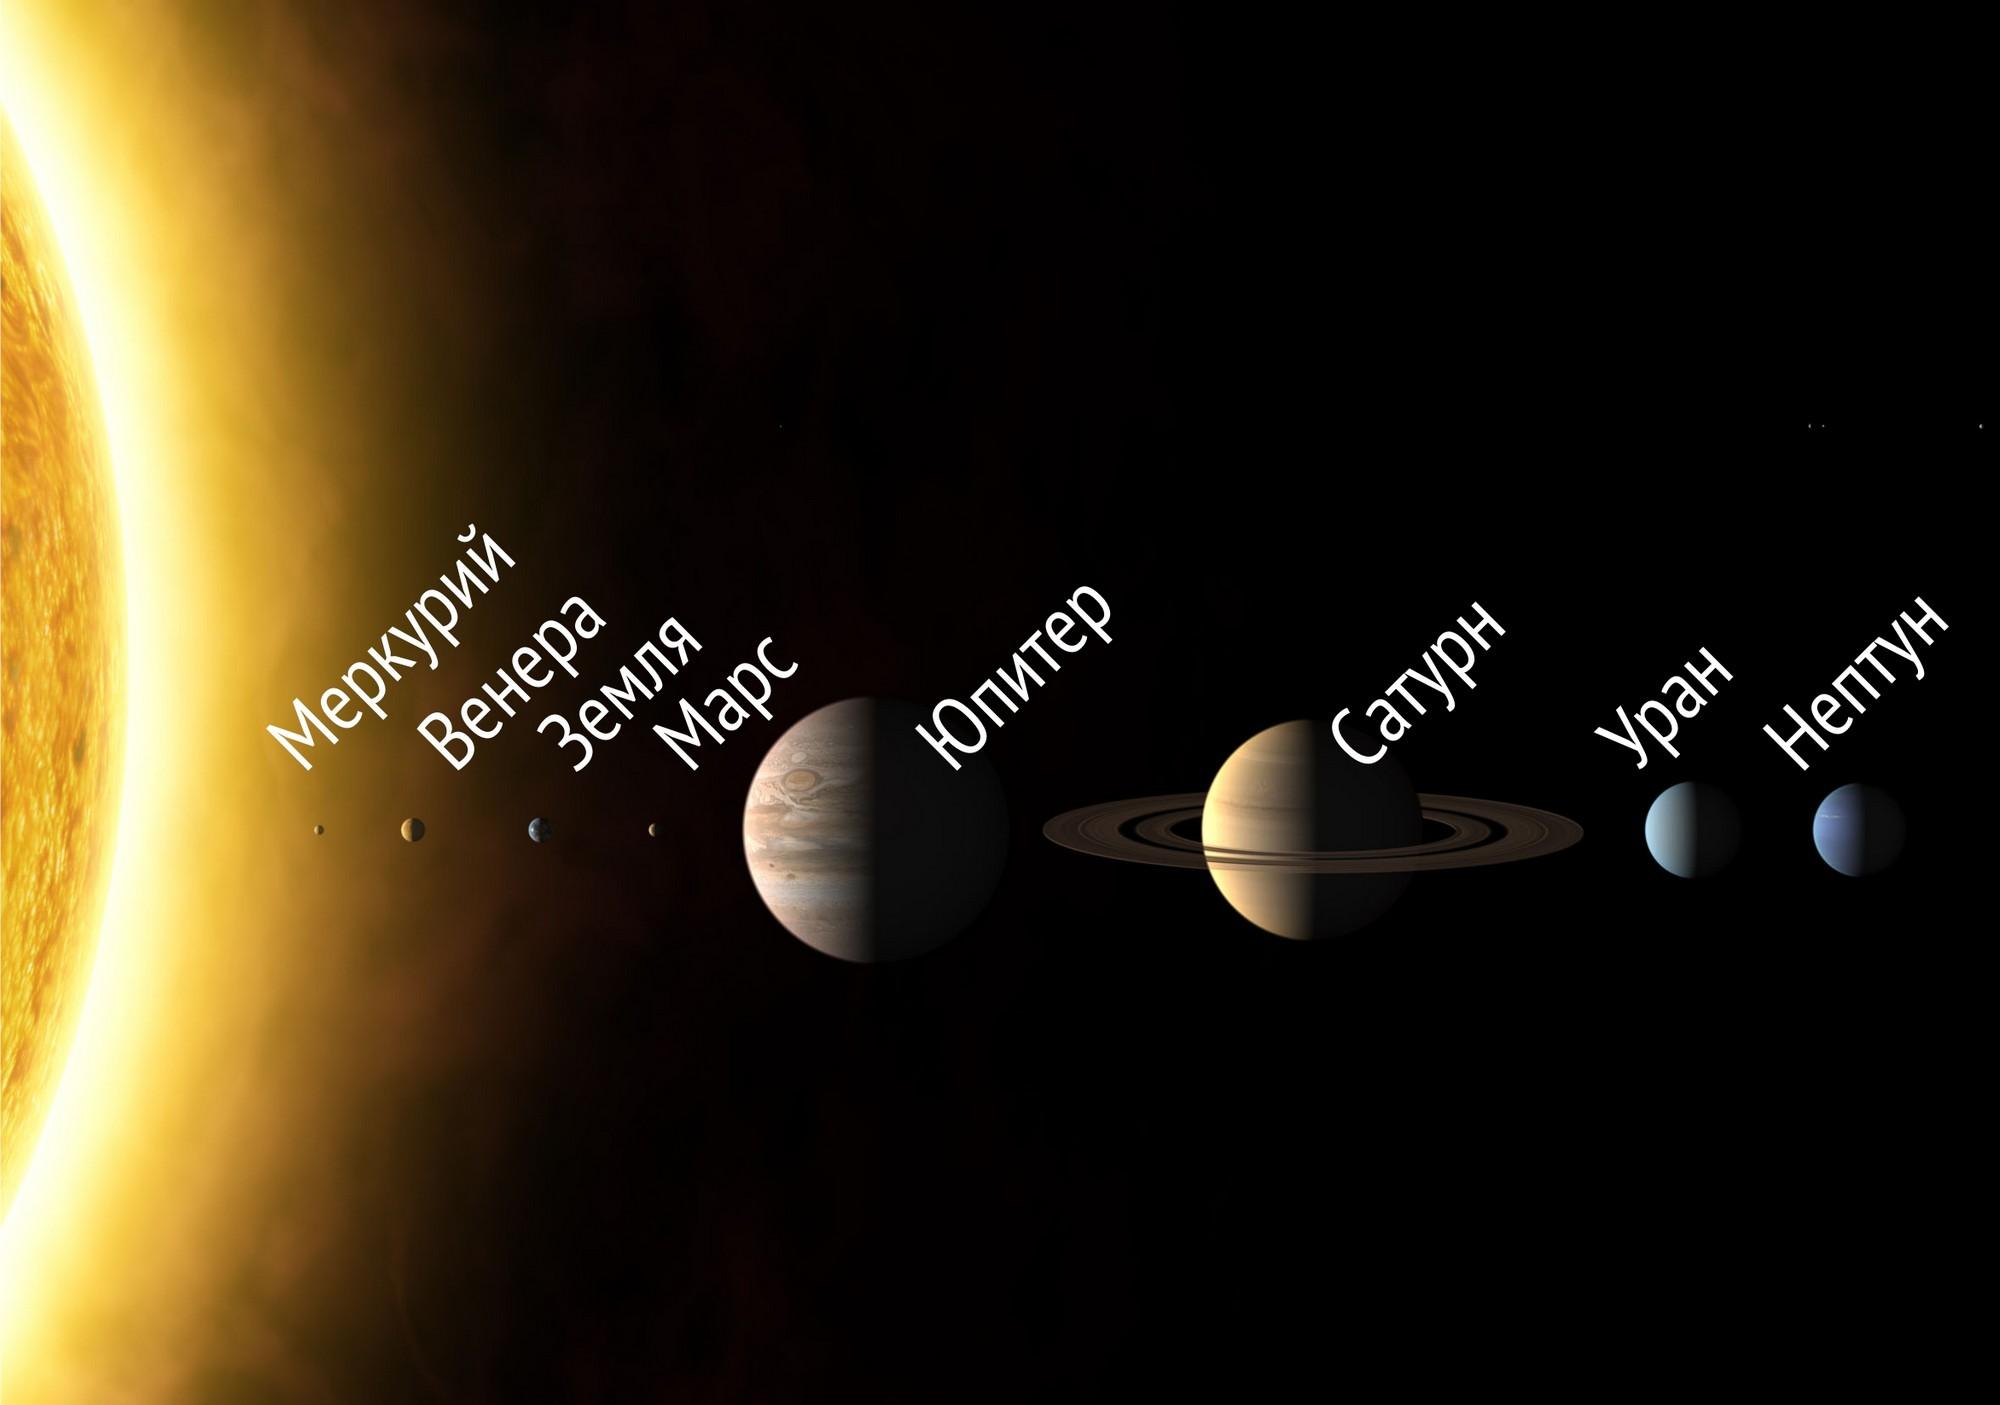 Рисунок, показывающий сравнительные размеры Солнца и планет (расстояния между ними показаны произвольно). Знаете запоминалку планет по порядку? «Можно вылететь за Марс, ювелирно свернув у него» – по первым буквам слов (The International Astronomical Union / Martin Kornmesser).